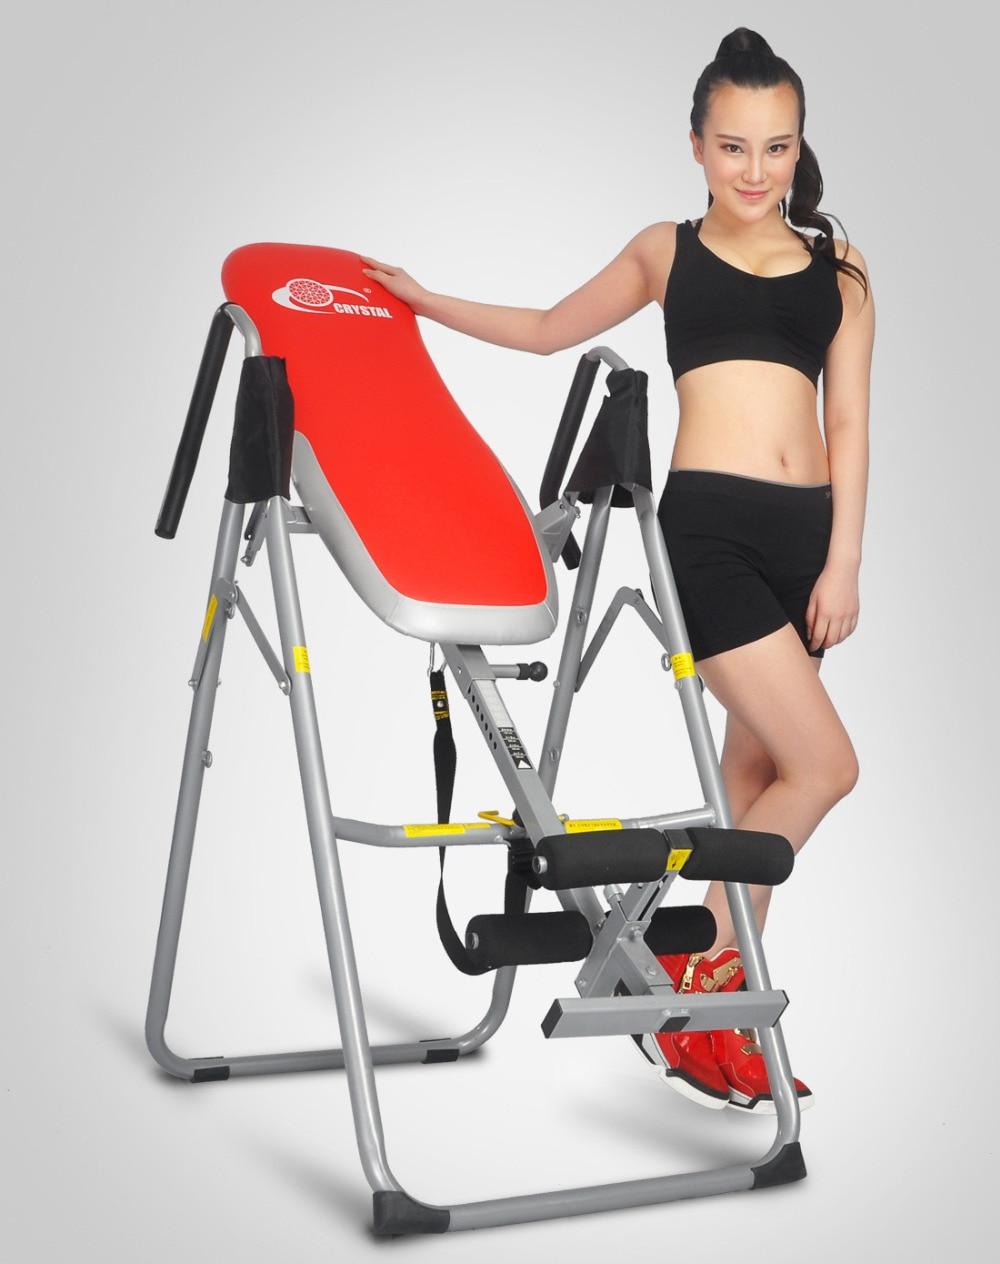 Руках автомат тренажеры для дома инверсии устройства учебного оборудования тренировки Бодибилдинг тренер